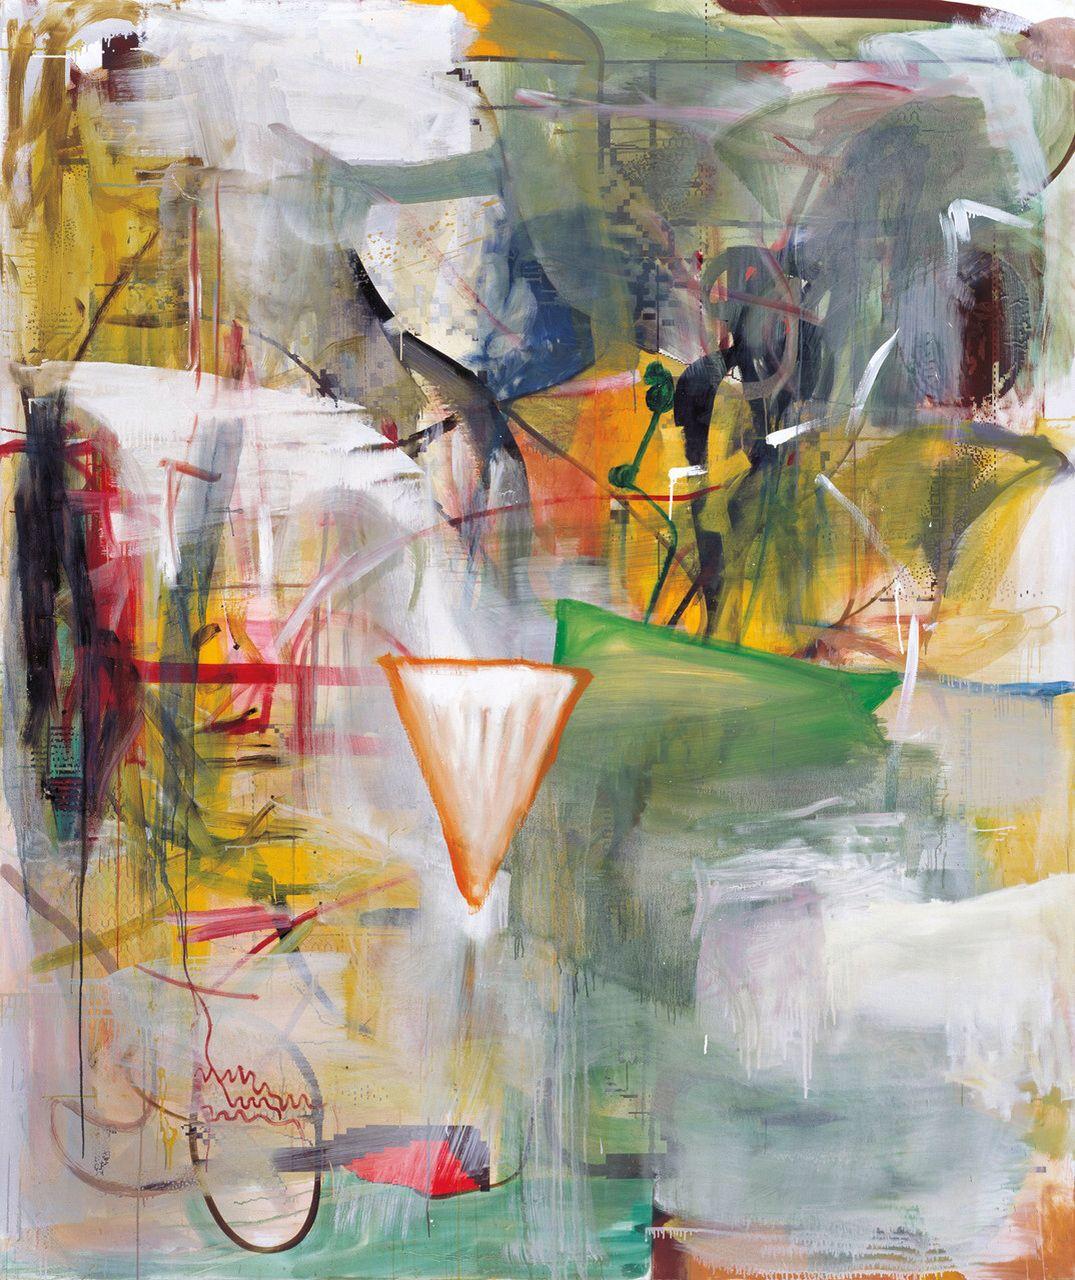 by Albert Oehlen | german contemporary artist / Albert Oehlen in